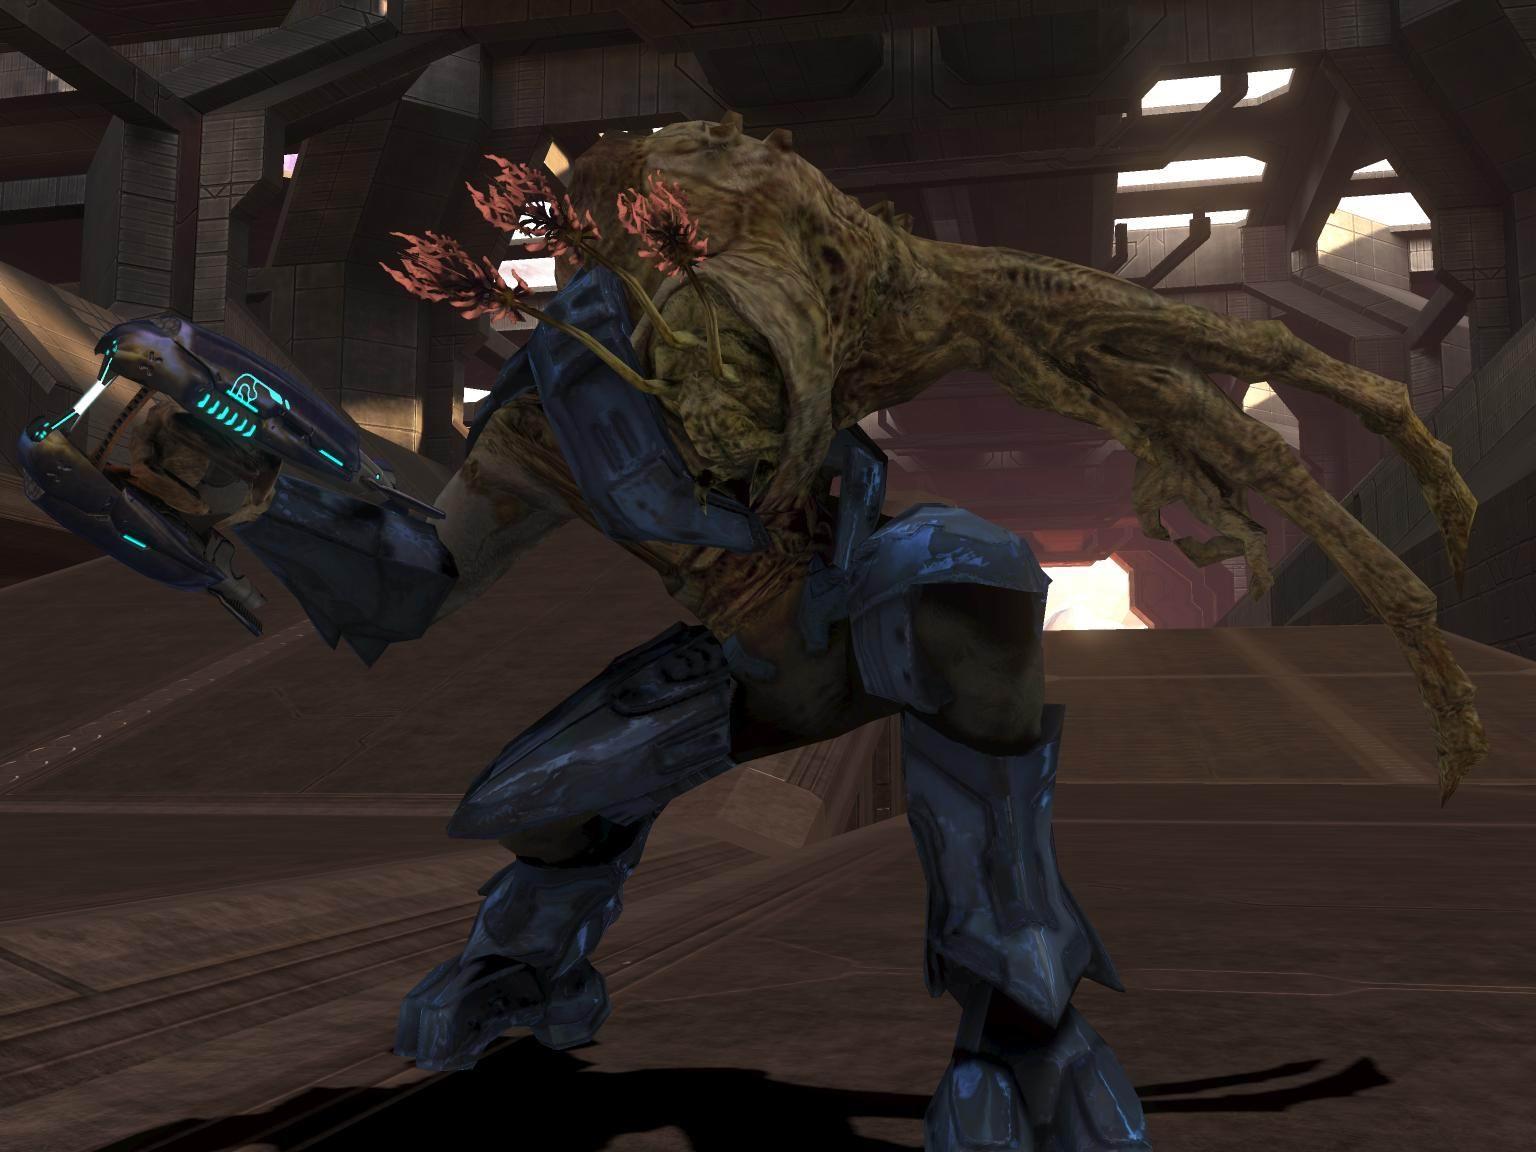 Halo 3 Elites vs Halo 4 Elites Elite Combat Form in Halo 3 by